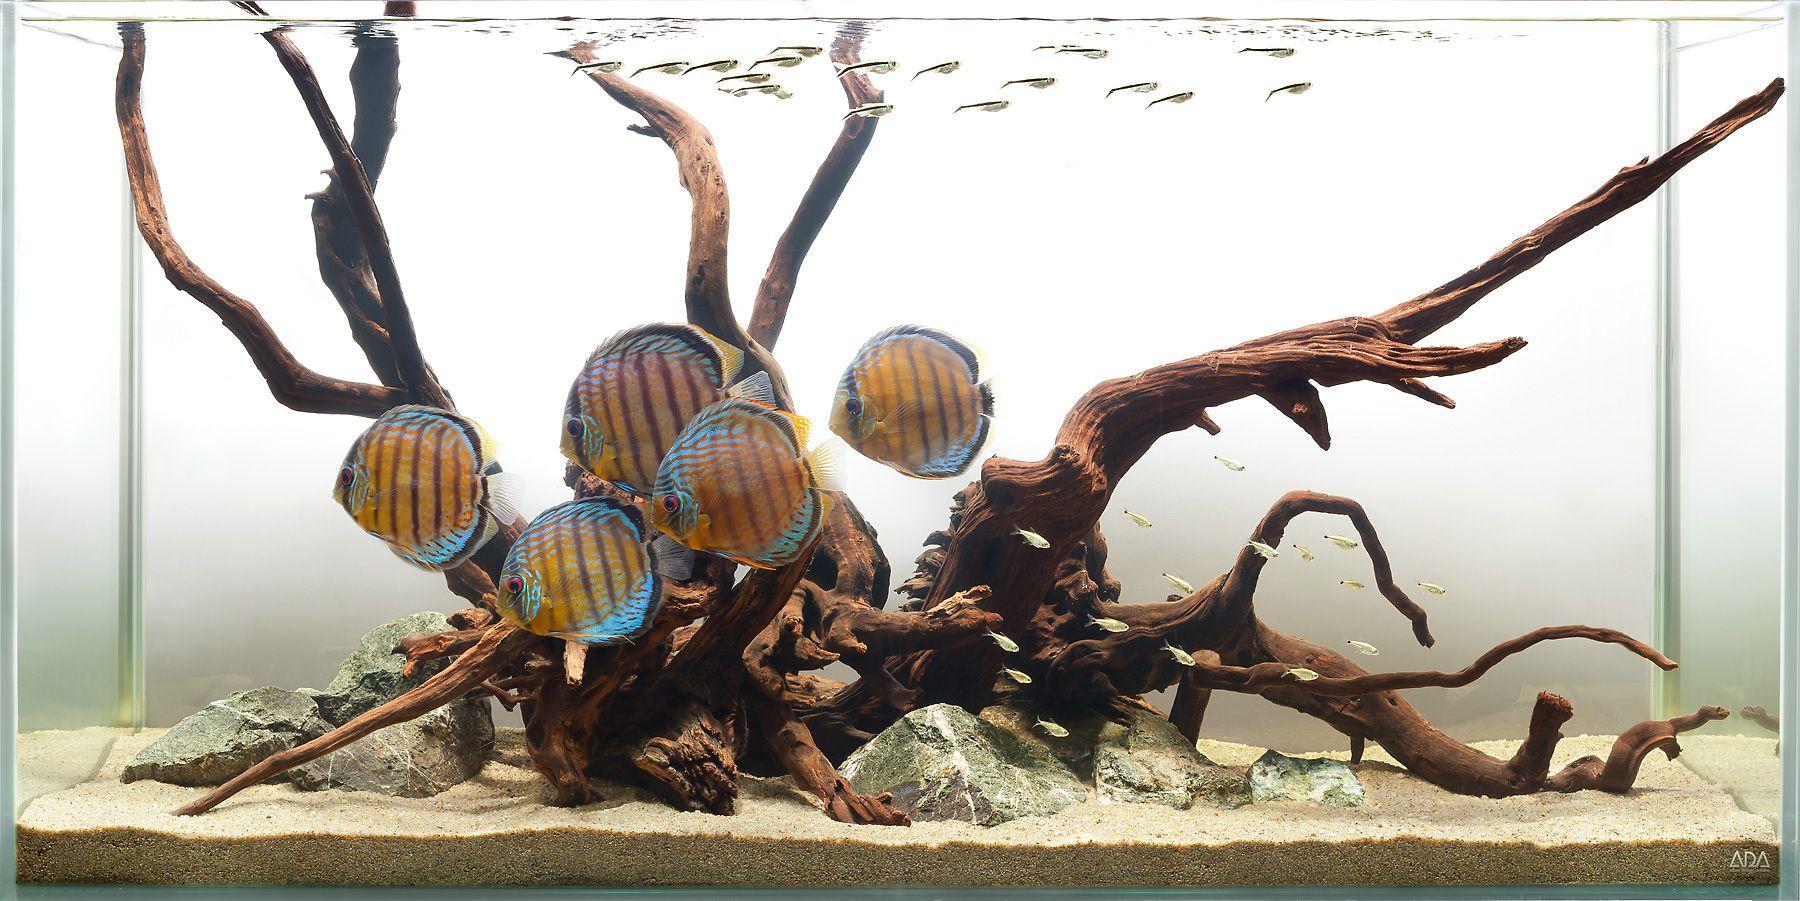 Aquarium Design Group A Wild Discus Hardscape